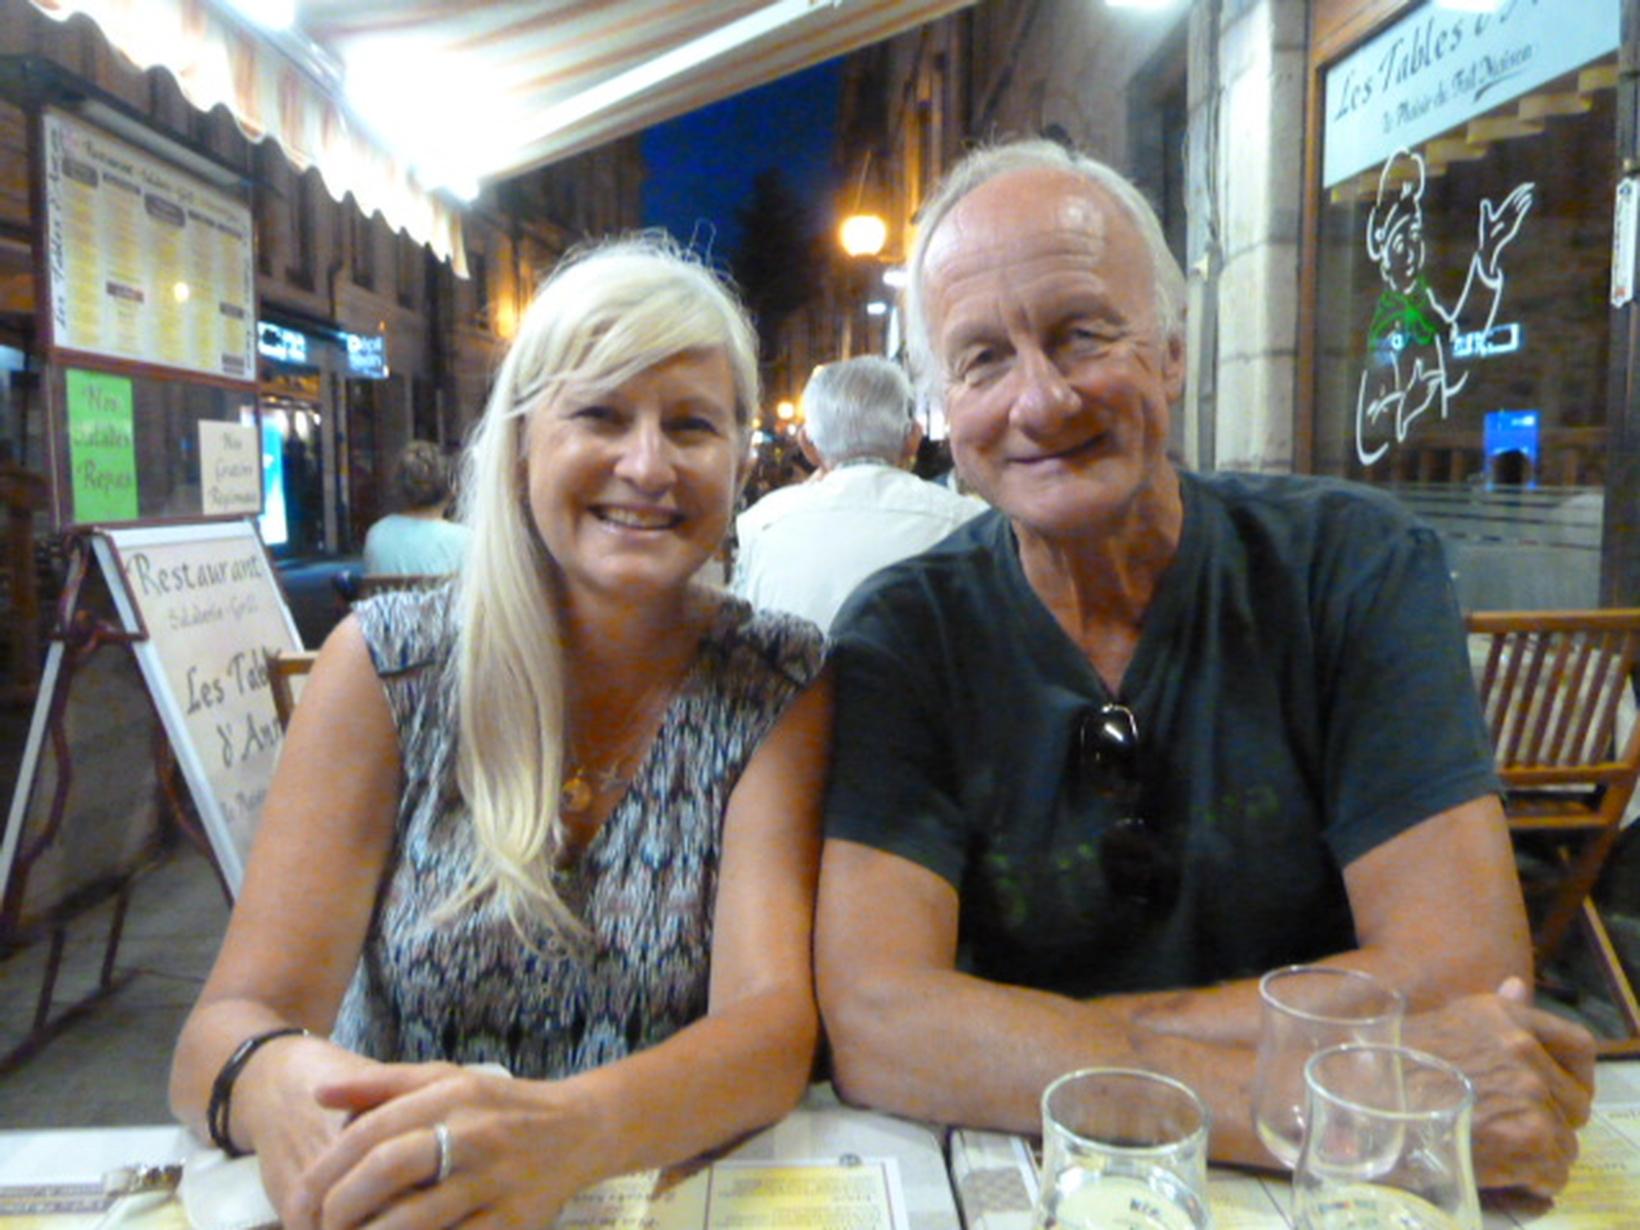 Karen & Alan from Christchurch, New Zealand